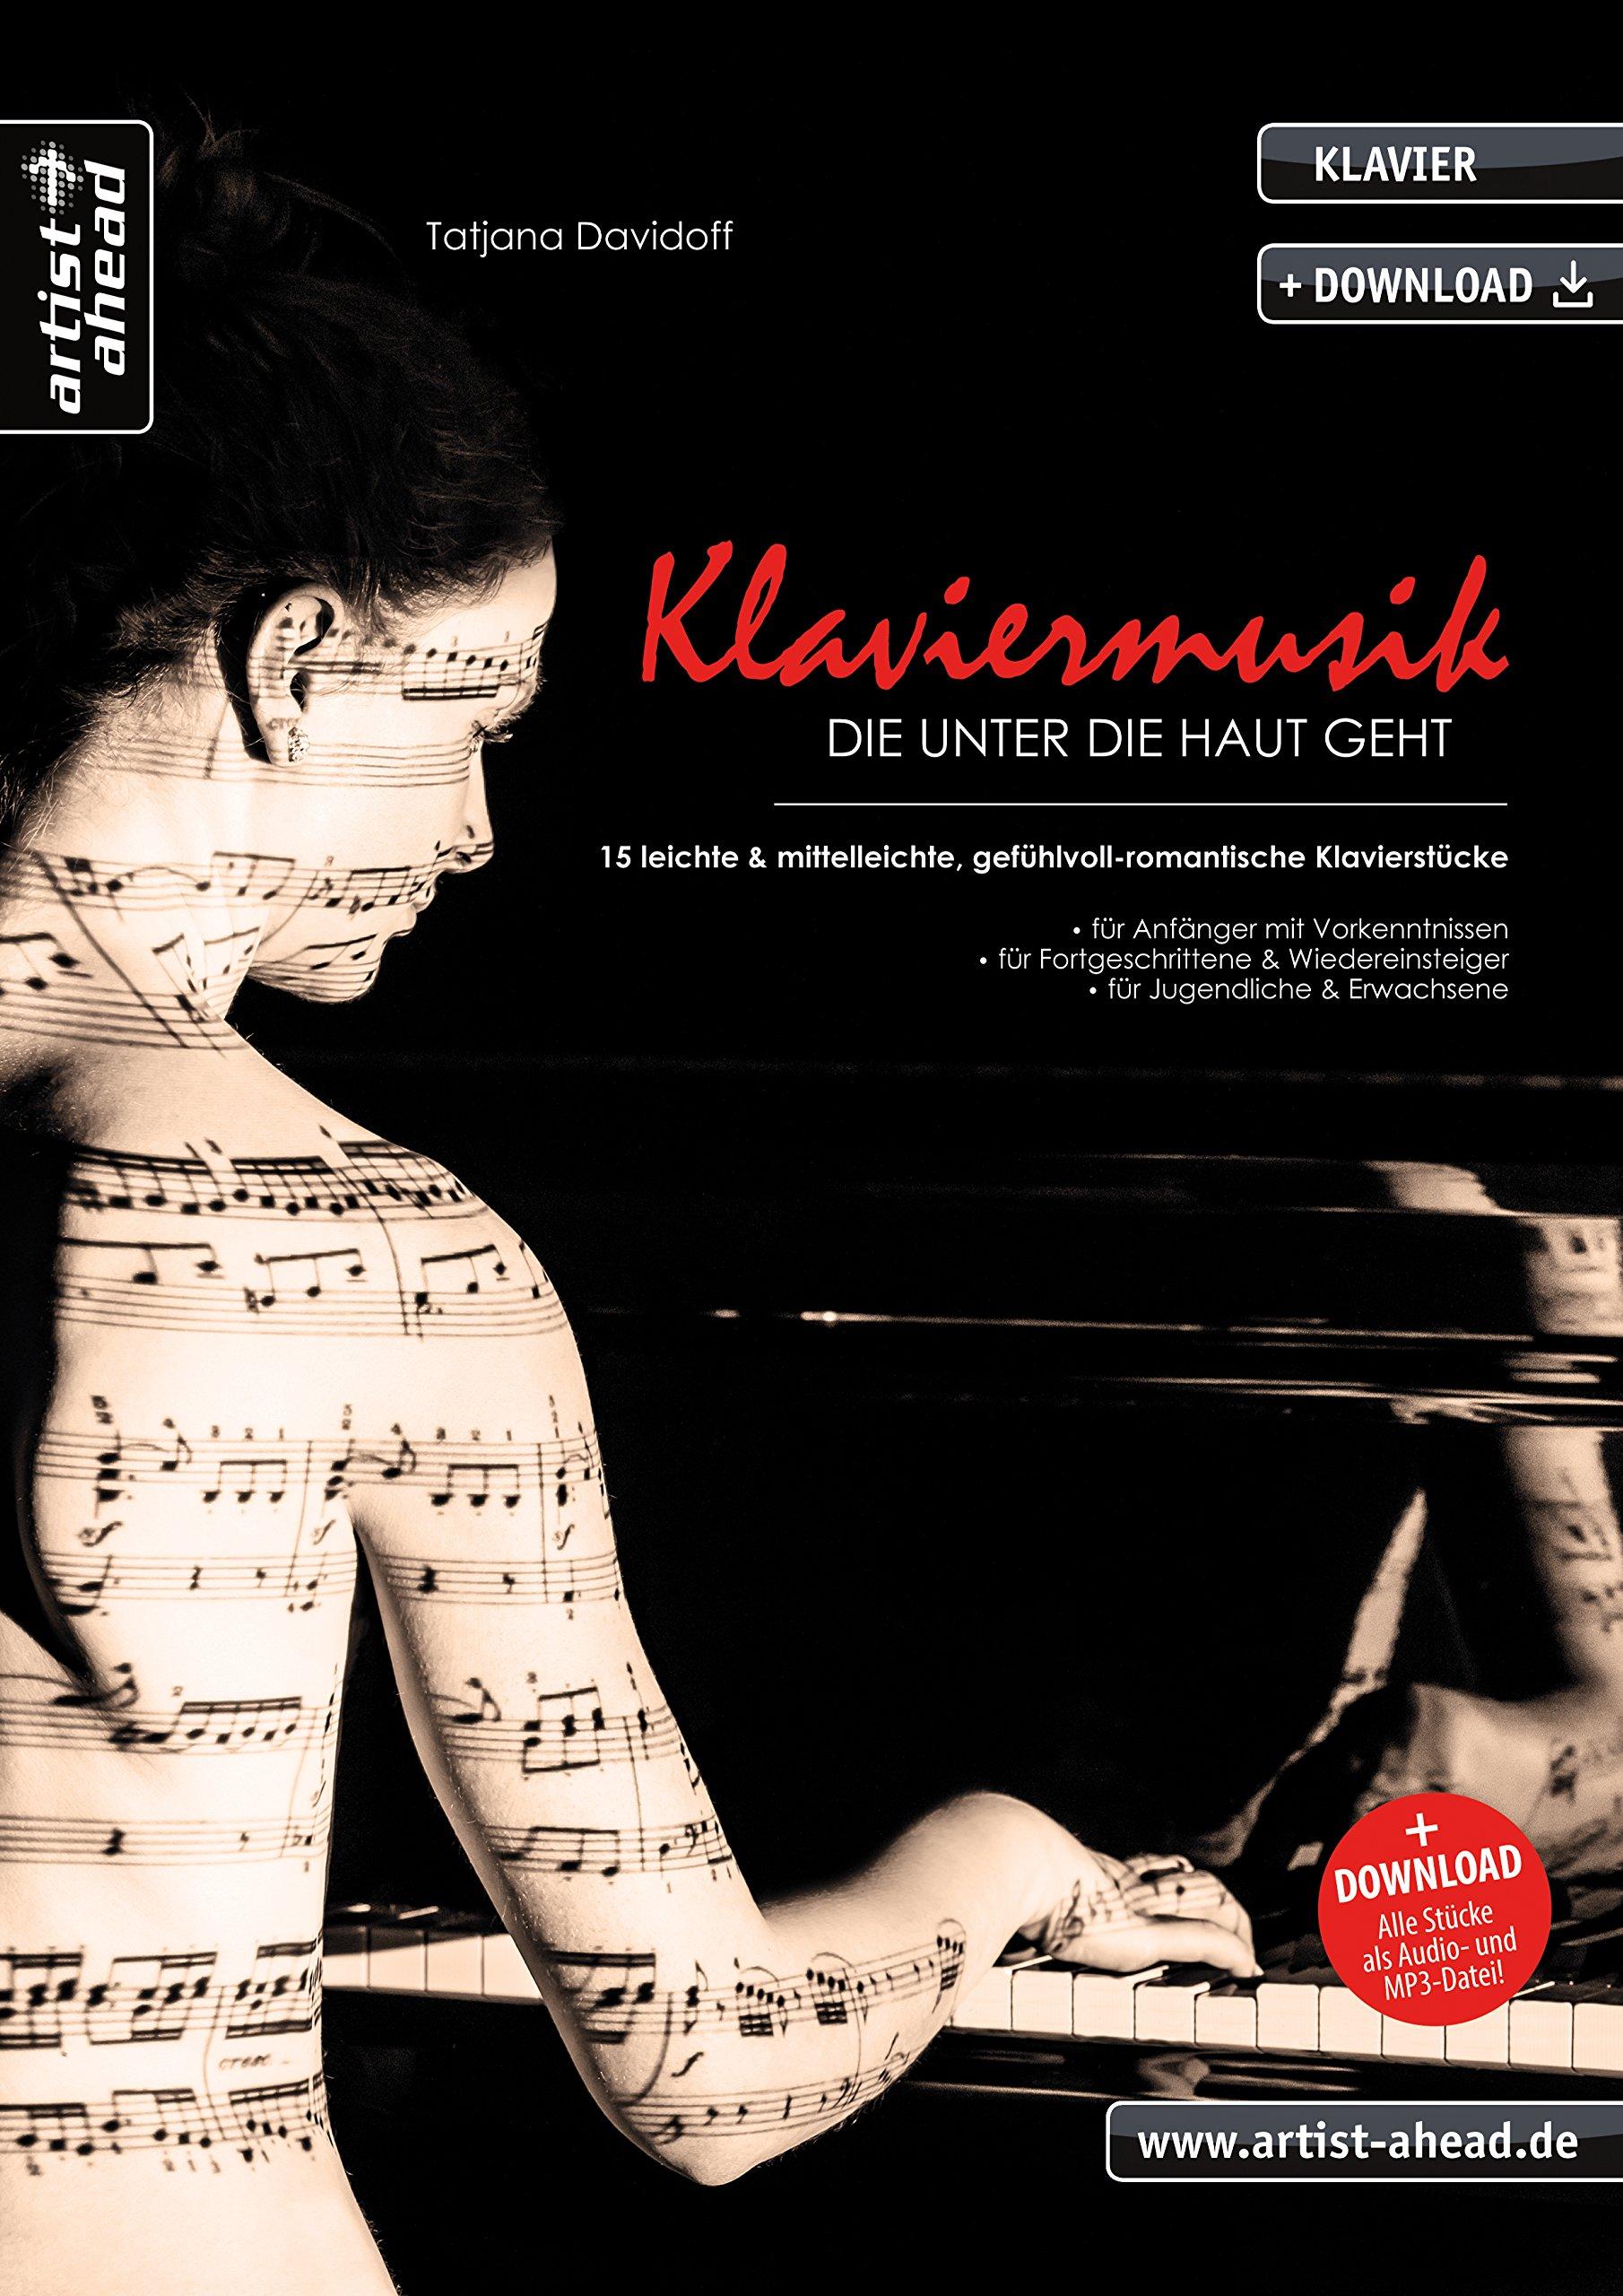 Klaviermusik, die unter die Haut geht: 15 leichte & mittelleichte, gefühlvoll-romantische Klavierstücke für Kinder, Jugendliche & Erwachsene (inkl. ... für Piano. Liederbuch. Songbook. Musiknoten.